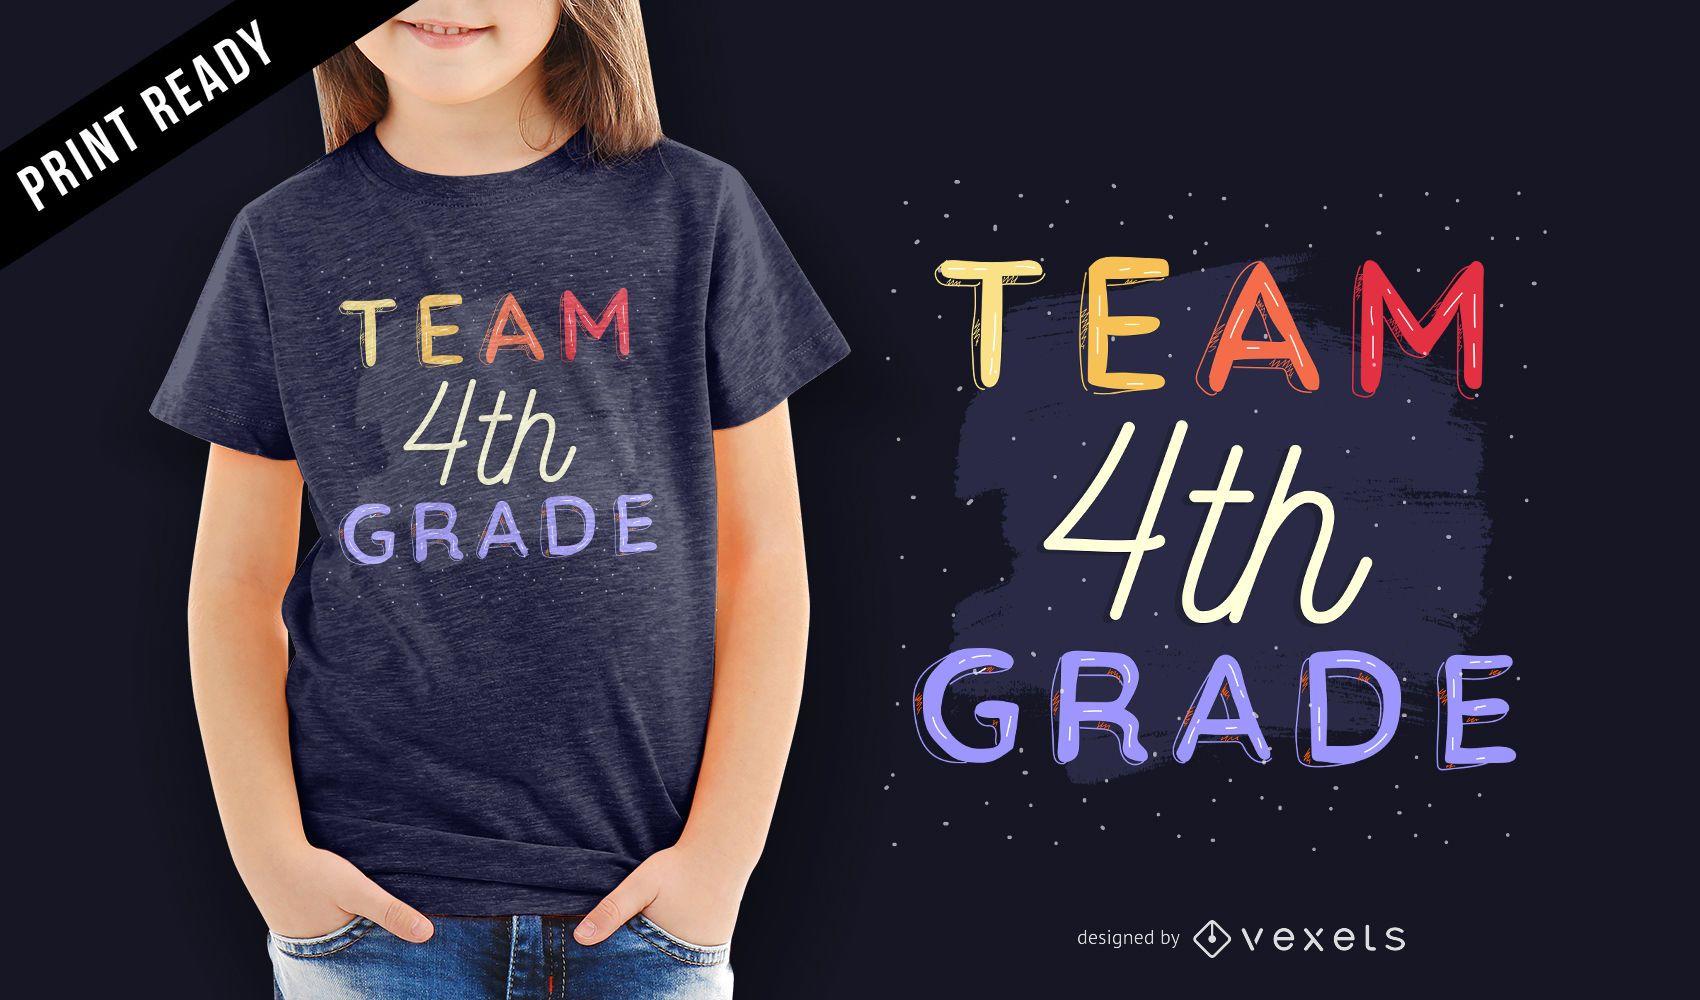 Team 4th Grade School Teacher Student Kids T-shirt Design